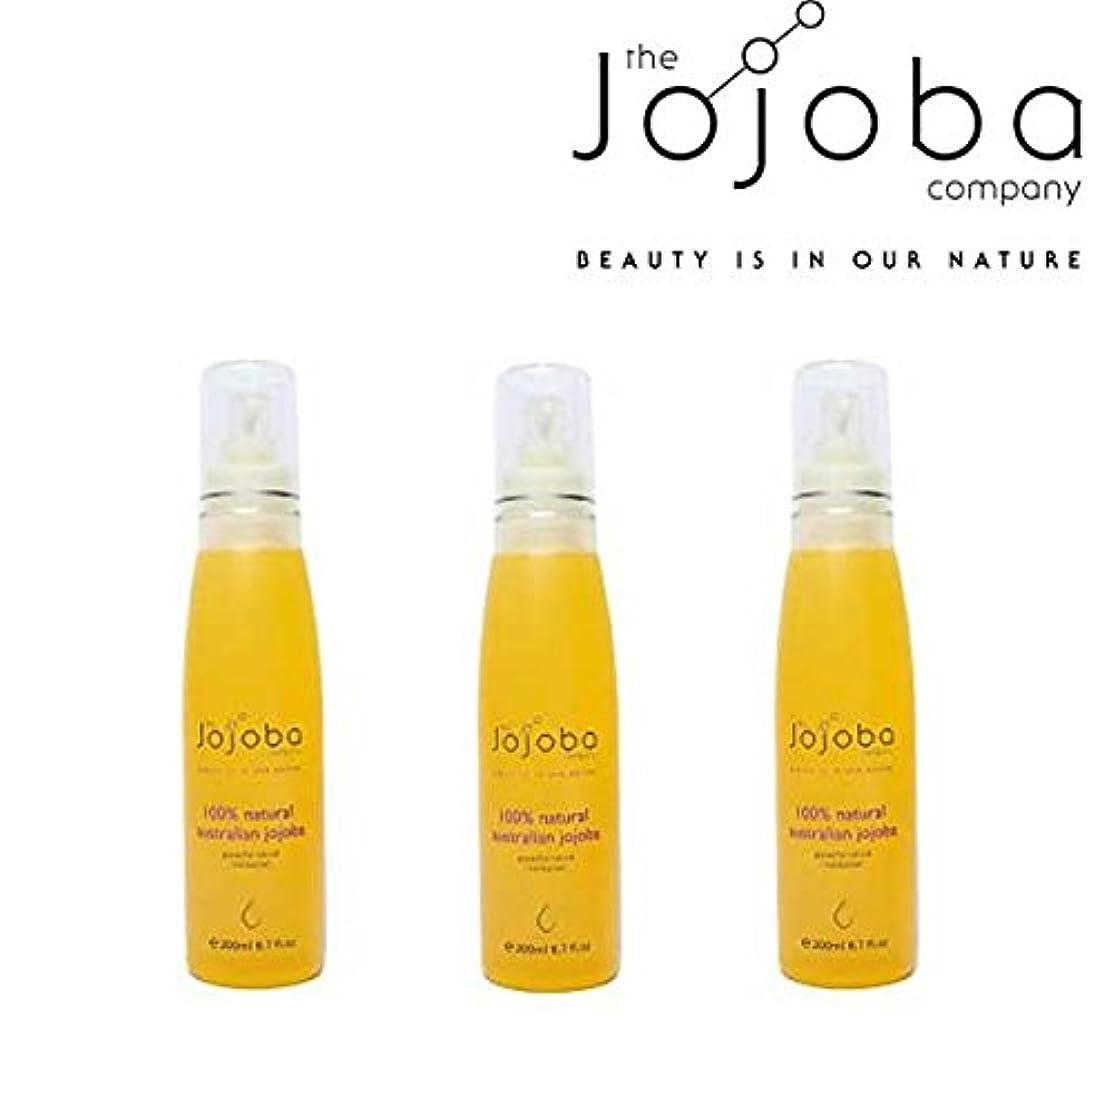 多様なフレームワーク発信[The jojoba Company]天然100% オーストラリア産ゴールデンホホバオイル200ml(3本セット)[海外直送品]